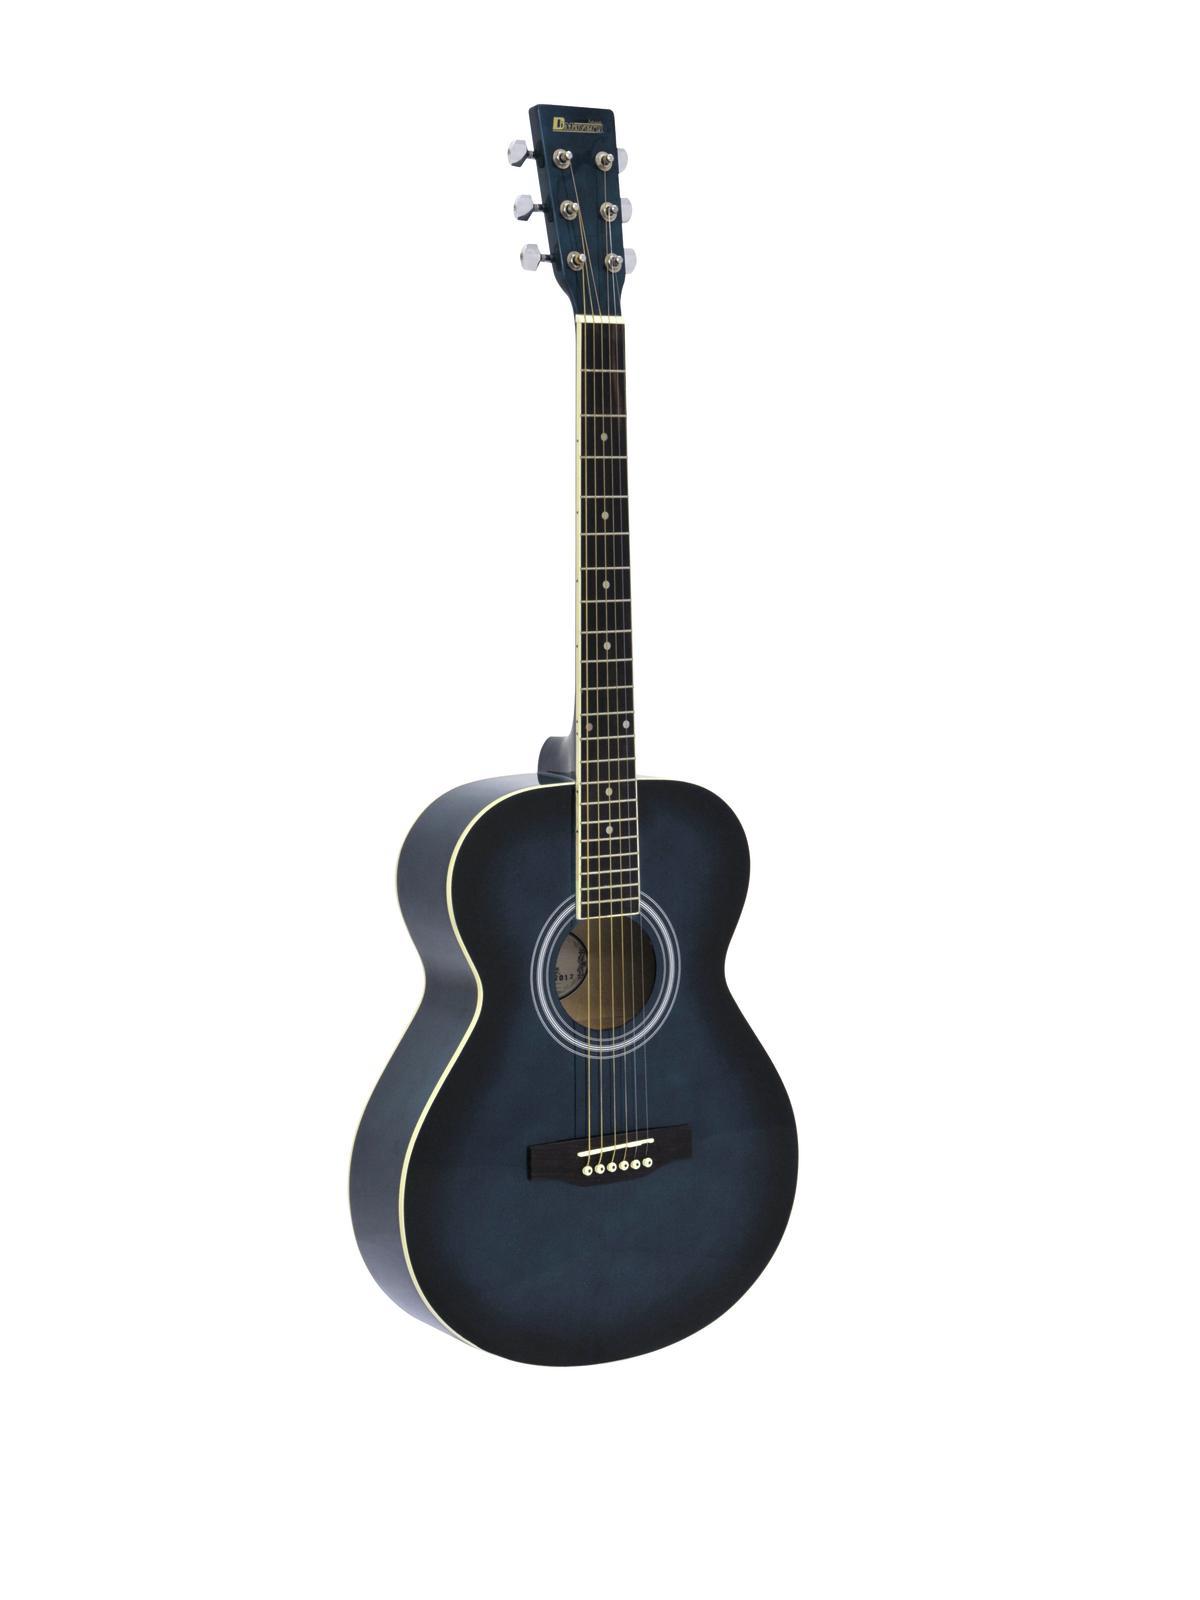 DIMAVERY AW-303 Westerngitarre blauburst